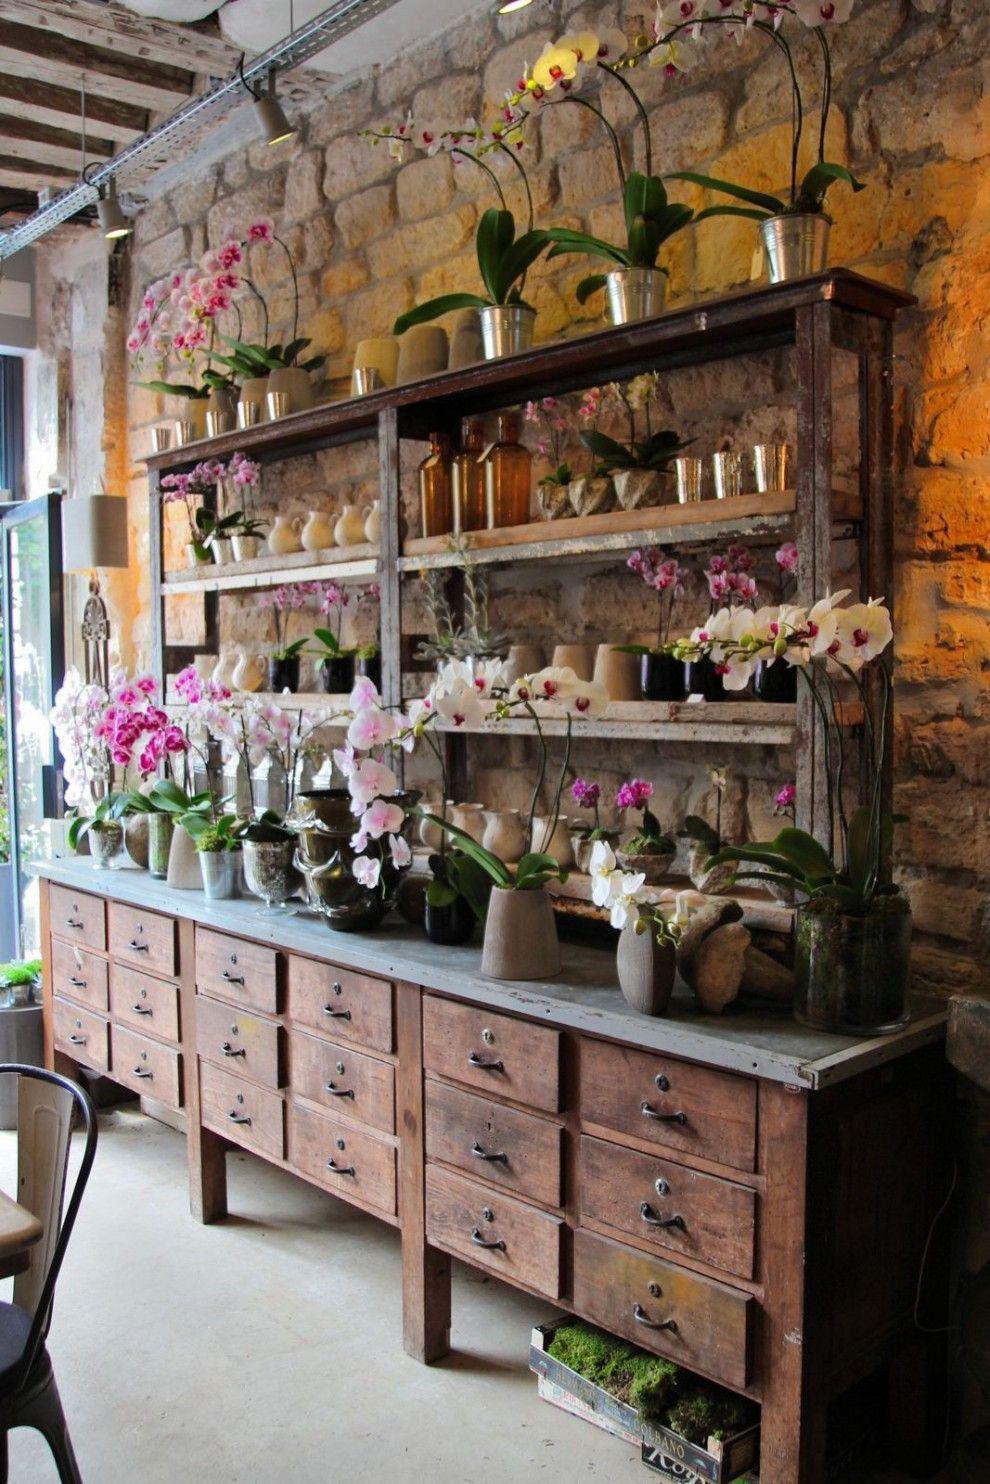 florera chauvin flower paris eric shop pars in